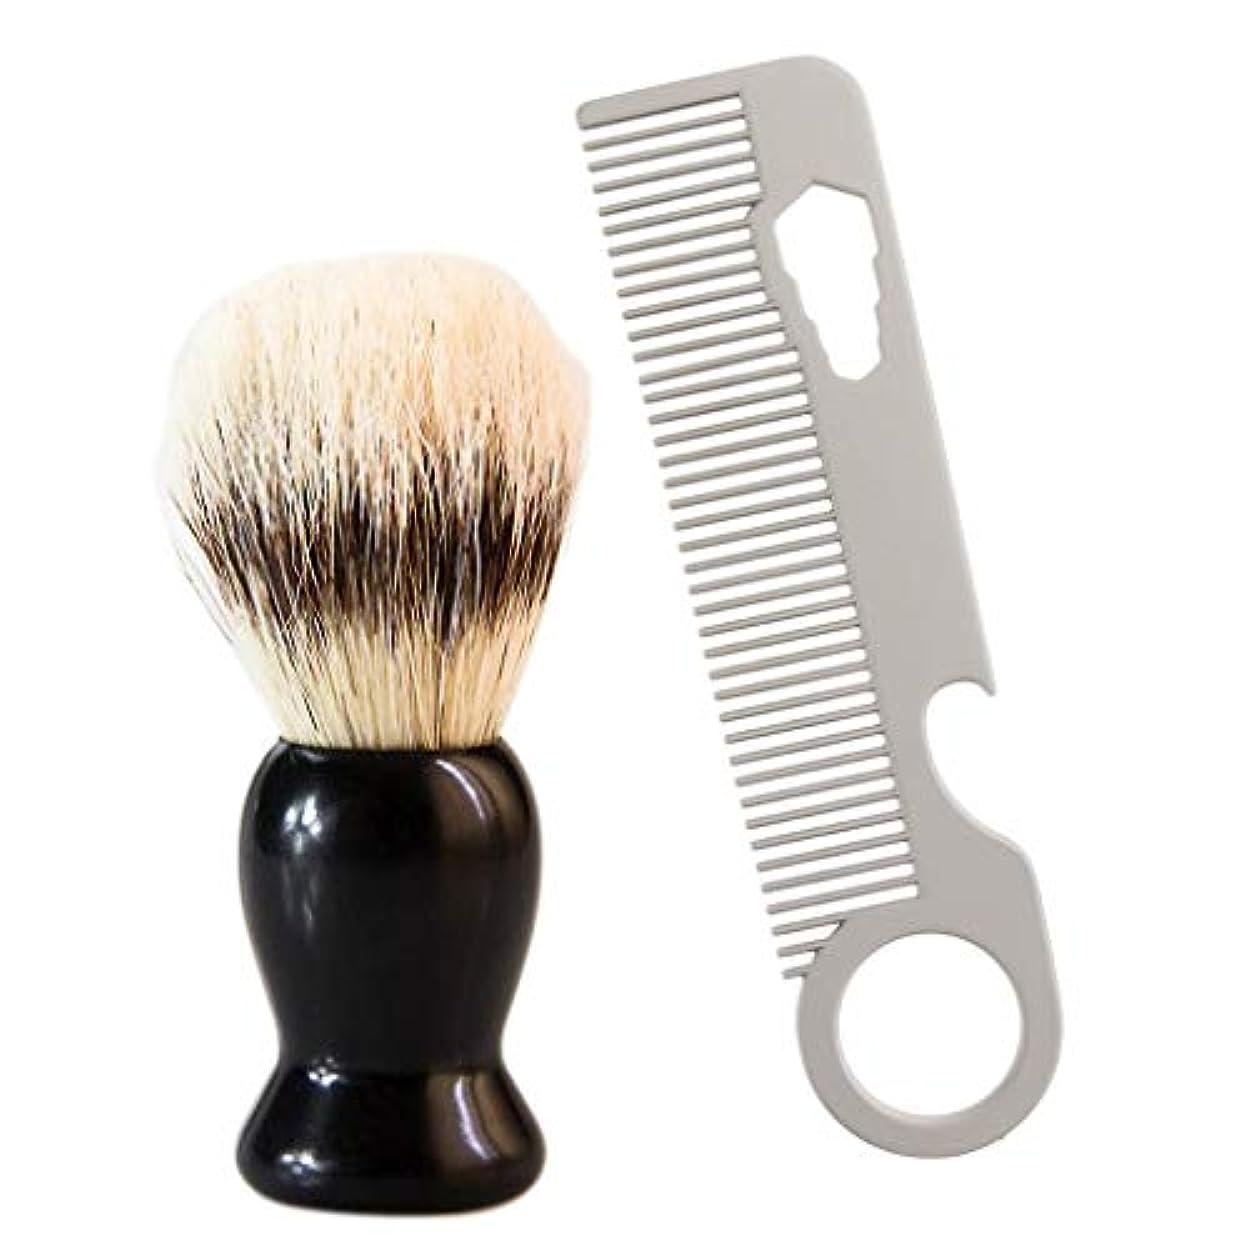 許す七時半矛盾するHellery メンズ シェービングブラシセット ひげ剃り櫛 理容 洗顔 髭剃り 家庭用 旅行 贈り物